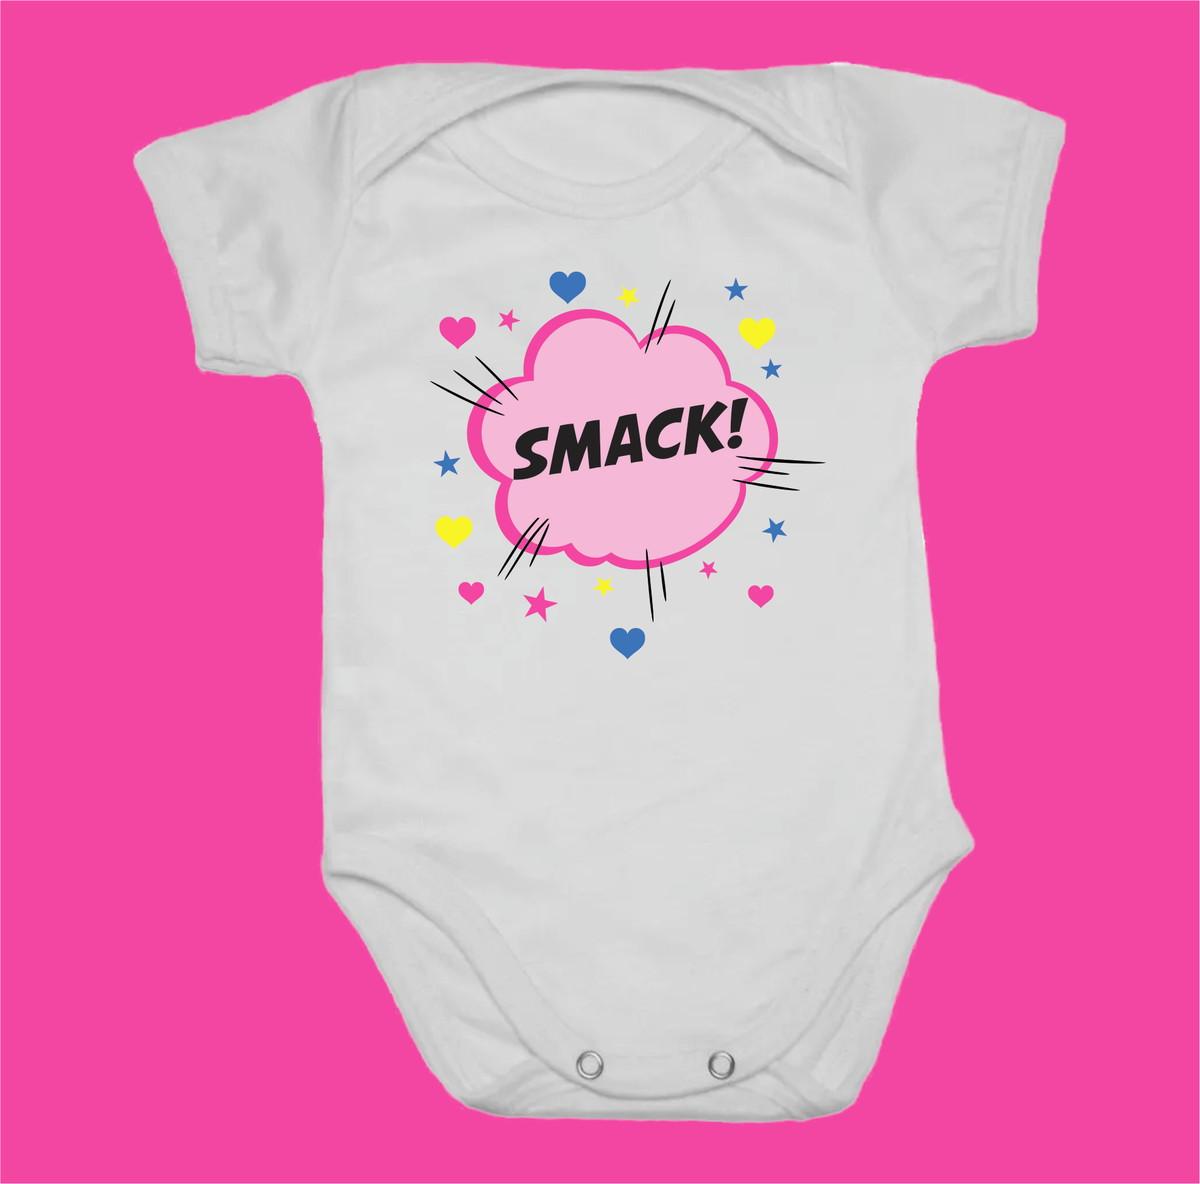 dffca23c2 Body estampado para bebê Smack no Elo7